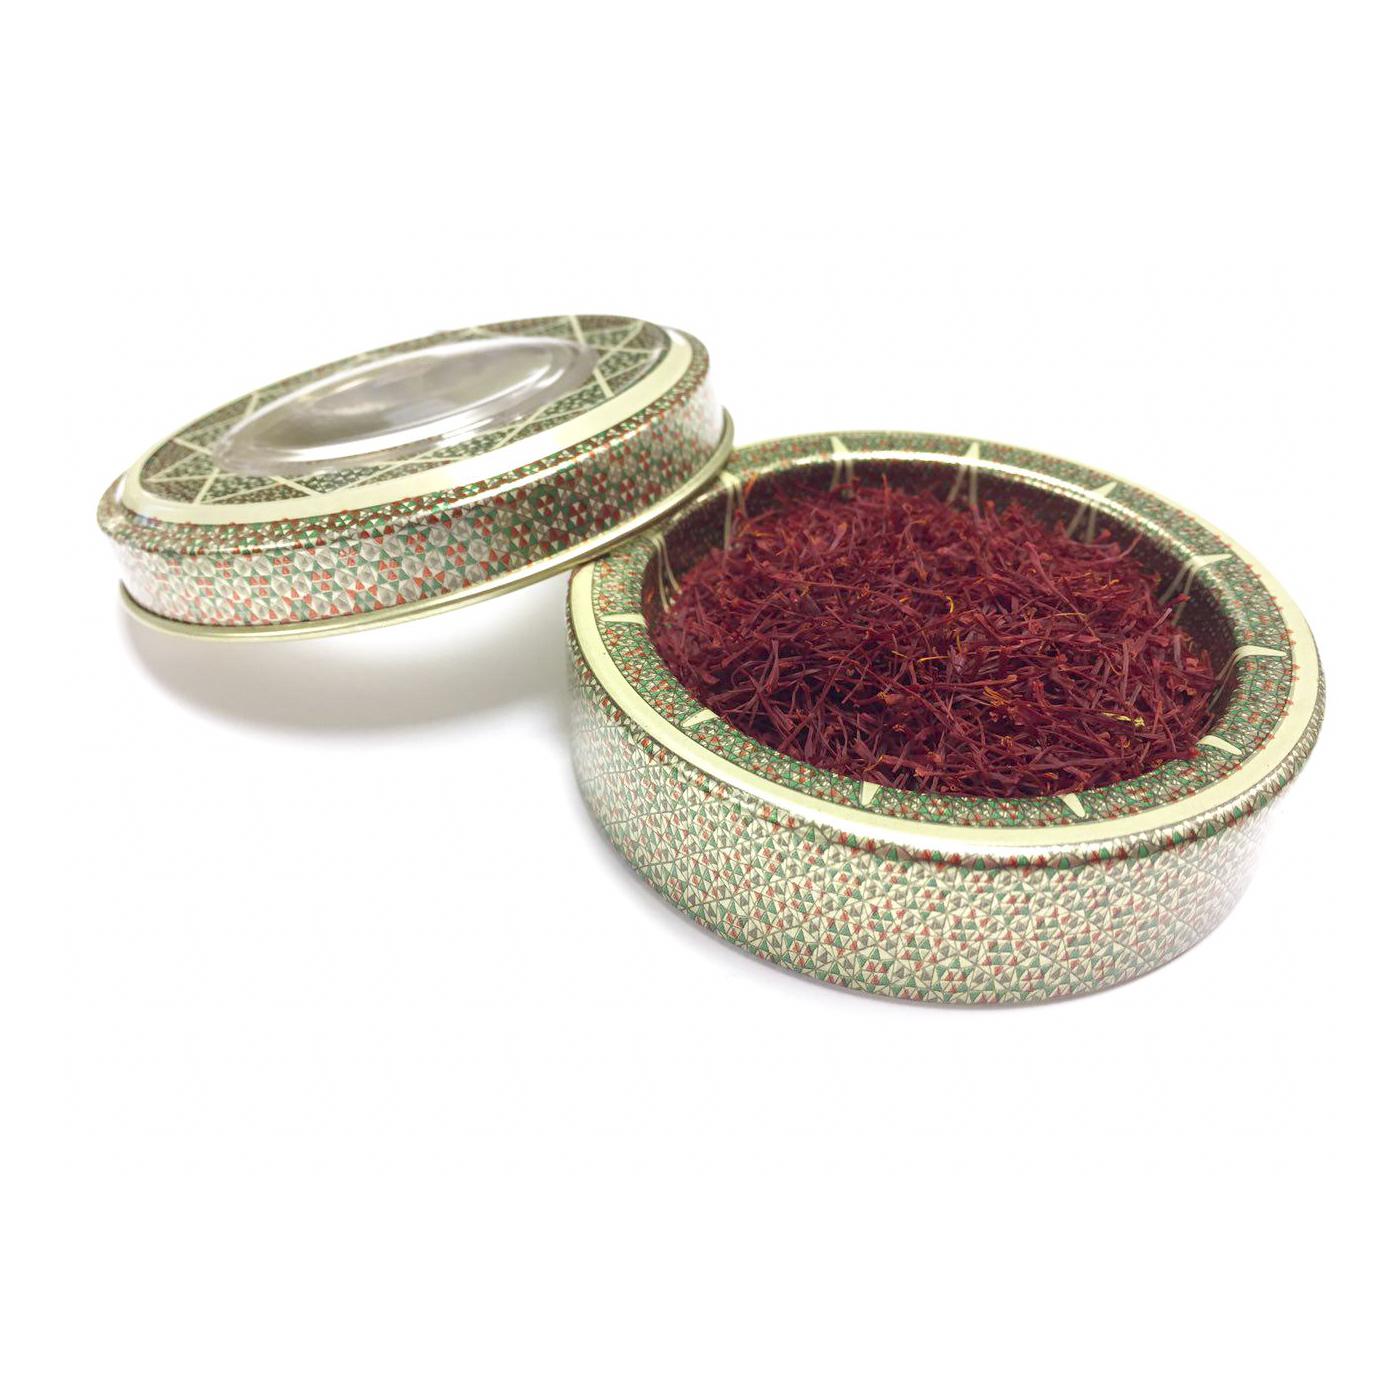 Sargol Saffron in Round Metal Tin